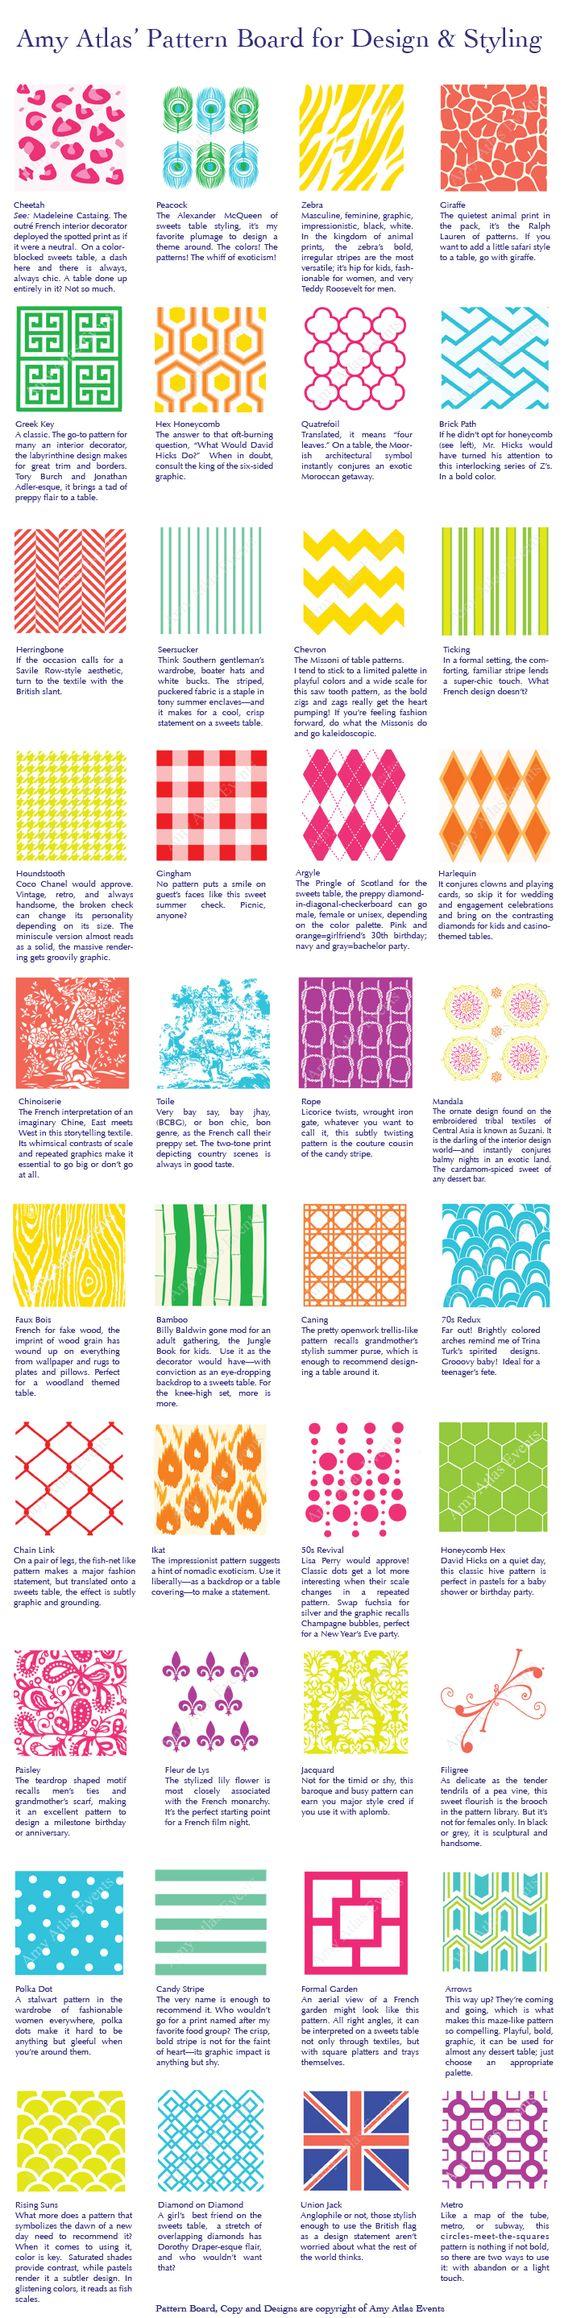 amy atlas pattern board